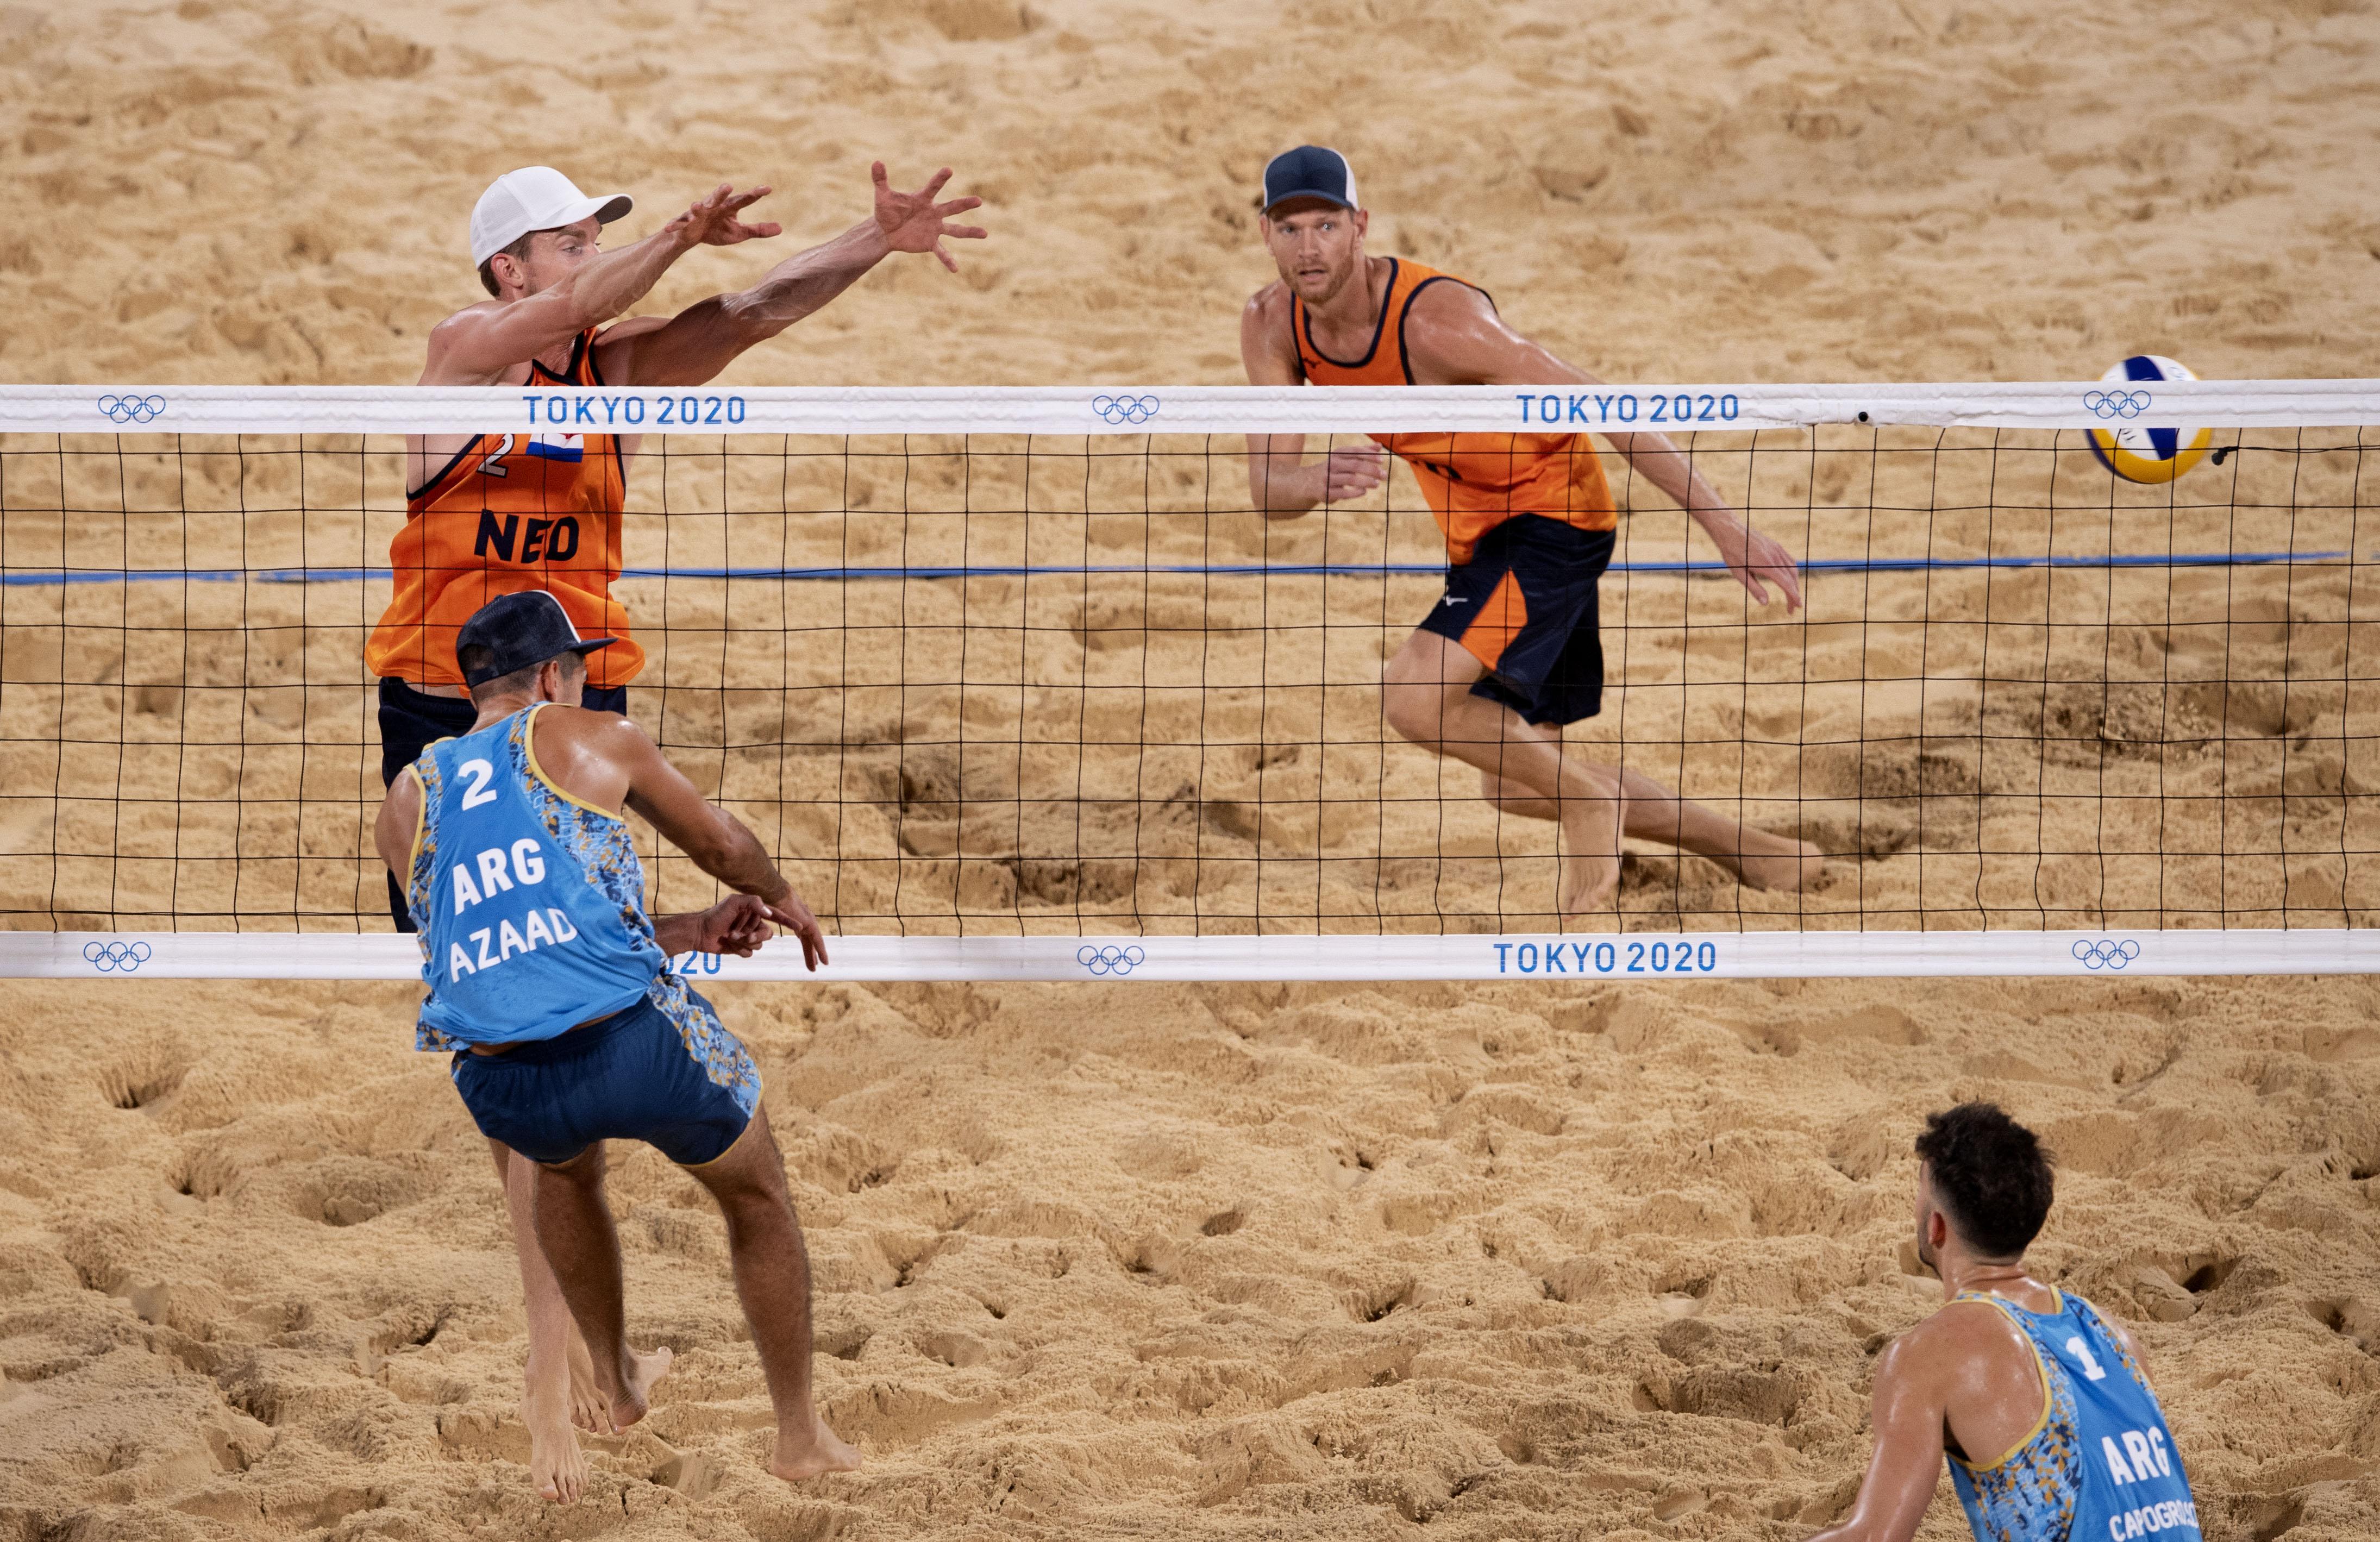 Tweede zege beachvolleyballers Brouwer en Meeuwsen in Tokio